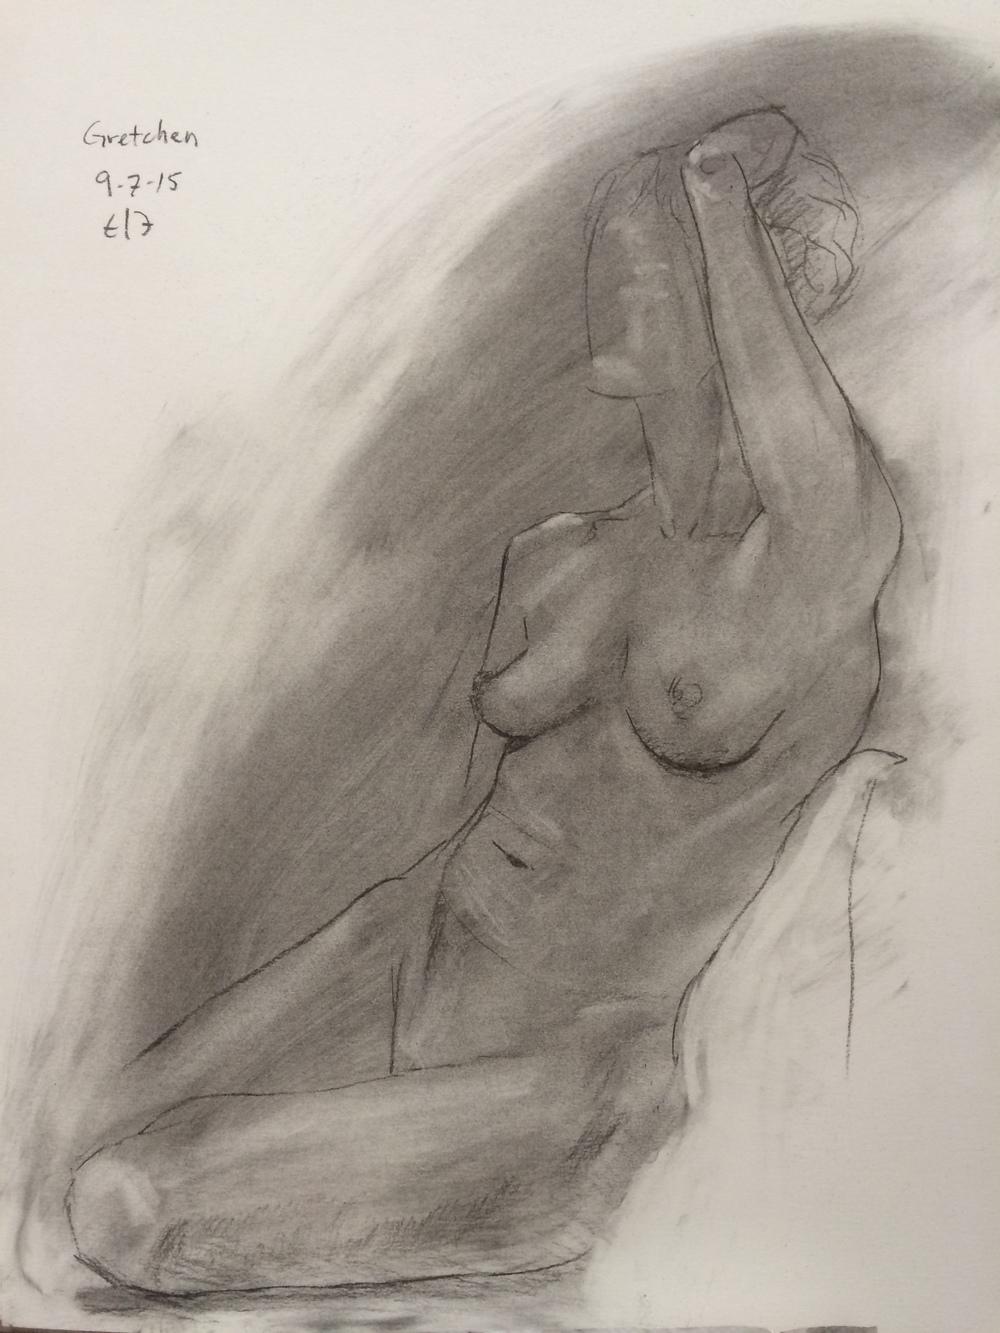 Gretchen-5-IMG_2573.JPG